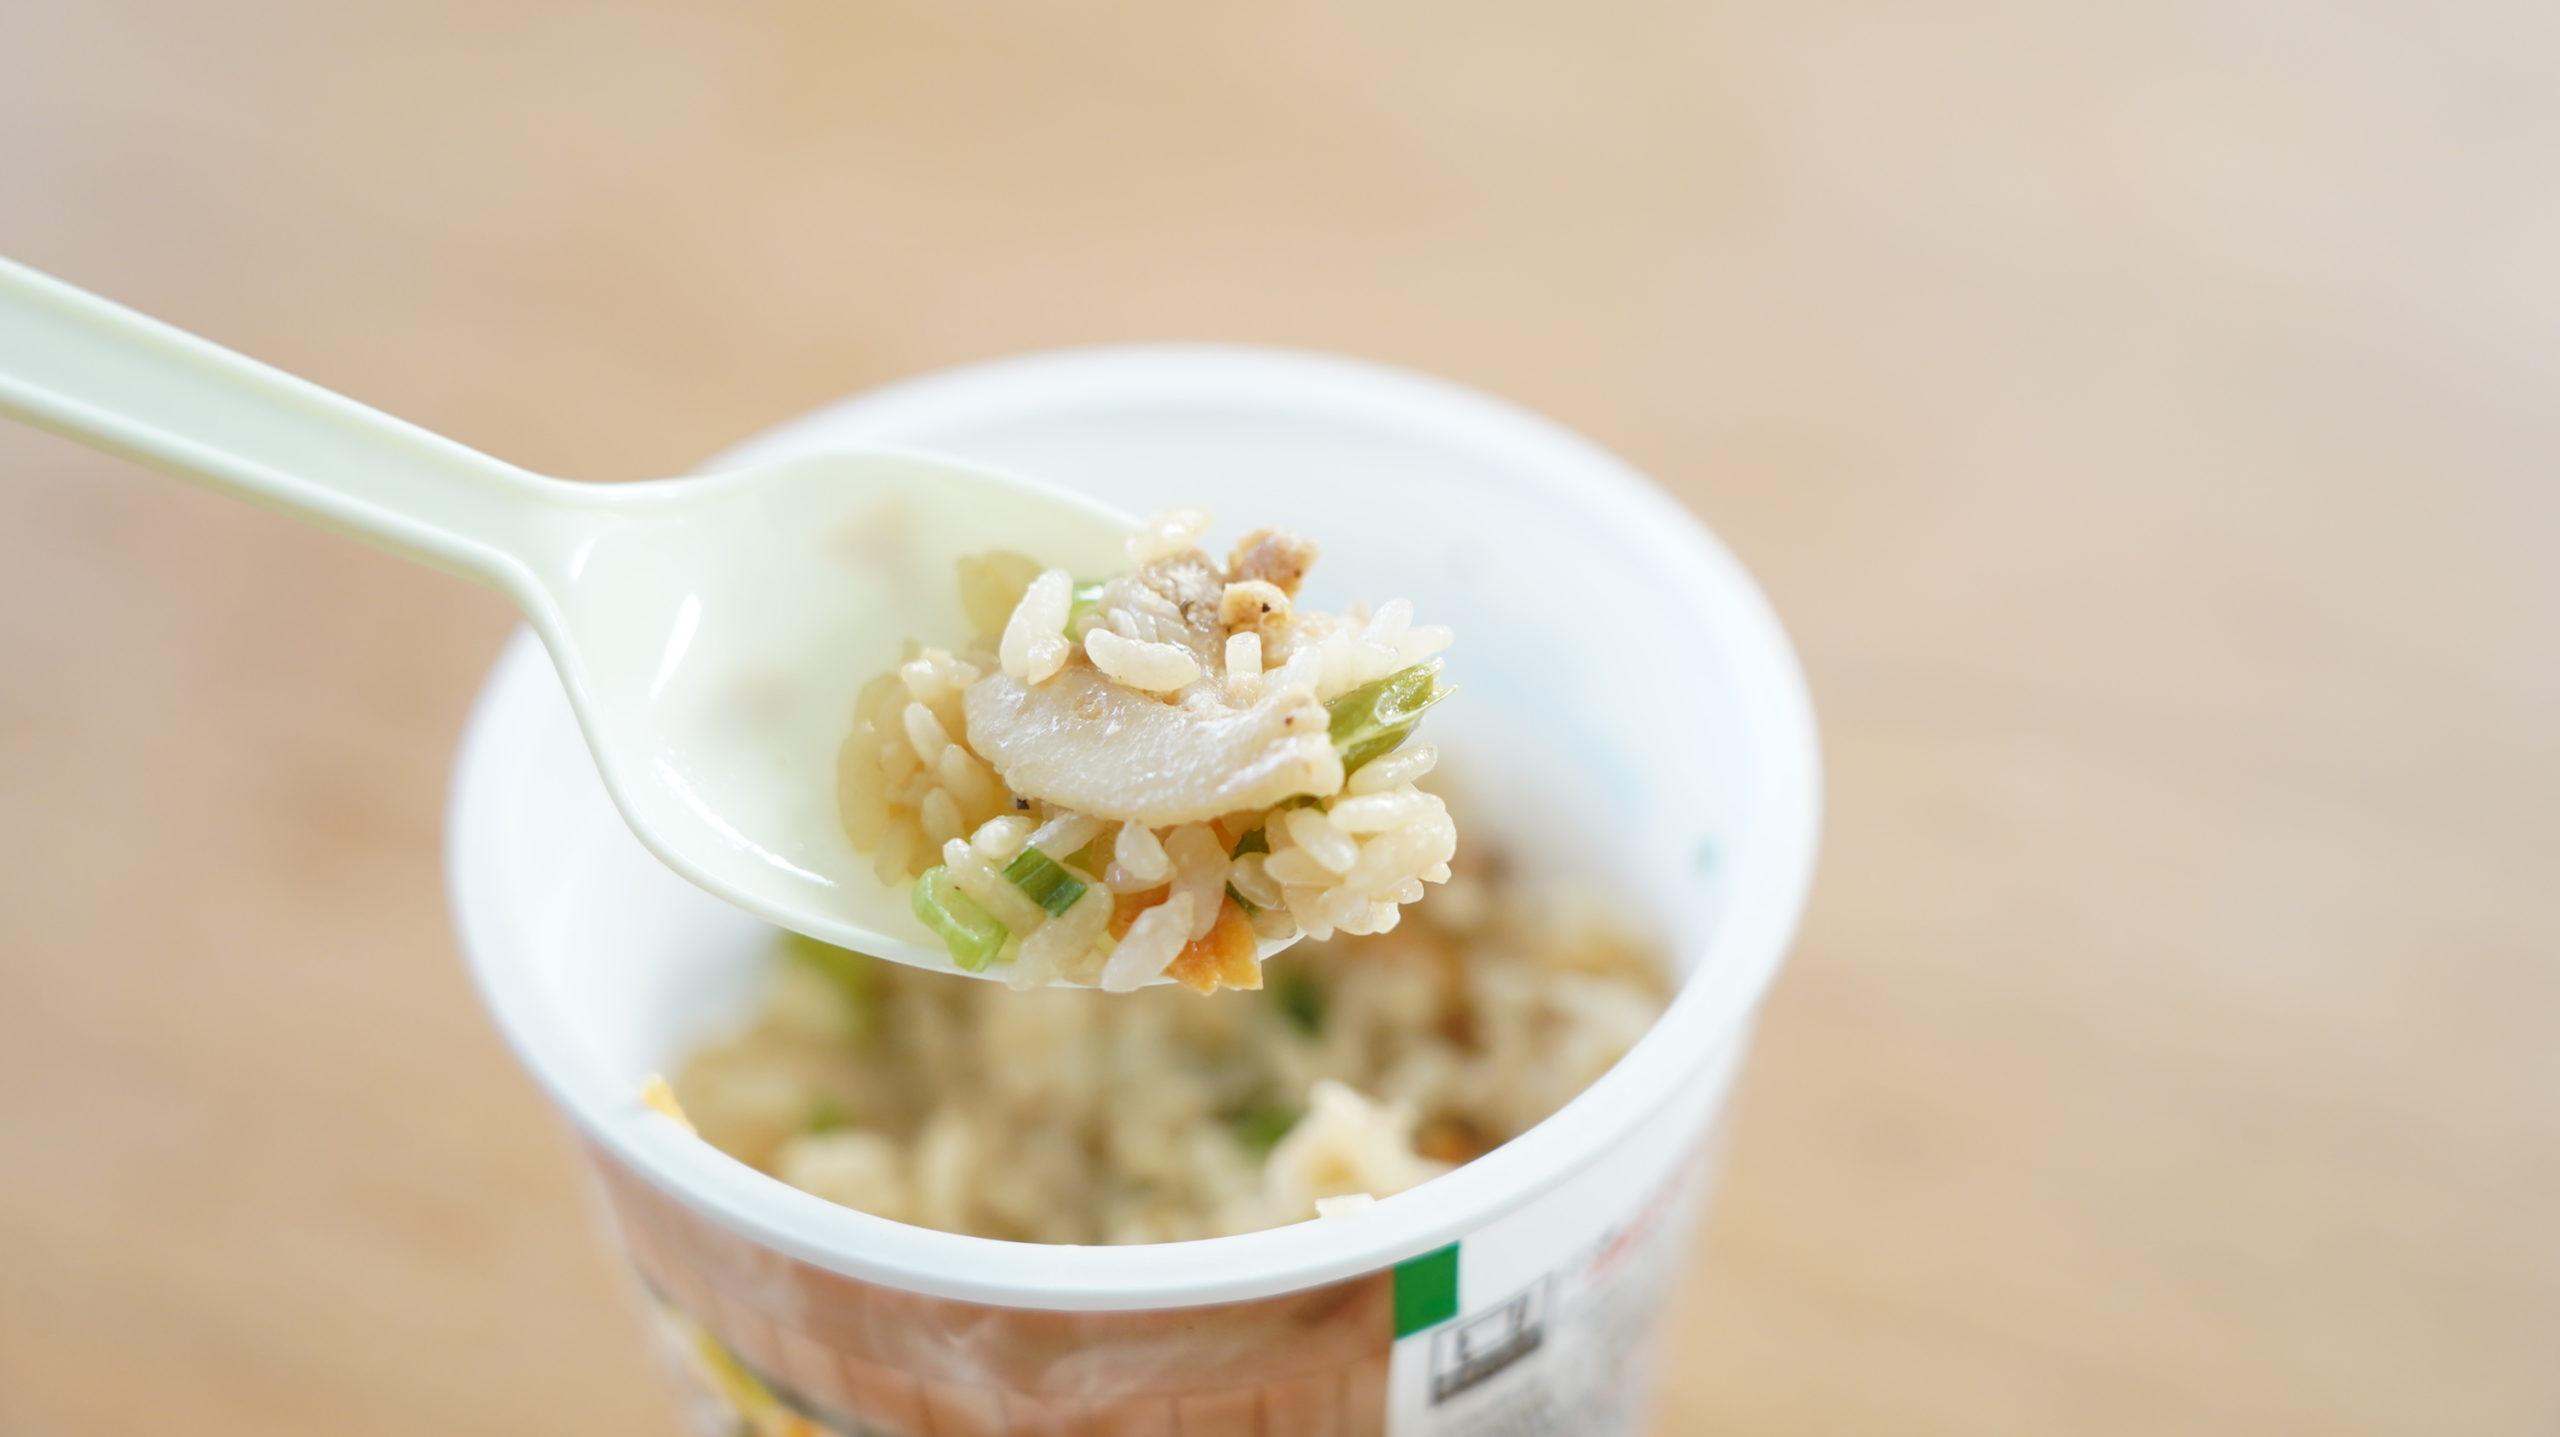 セブンイレブンの冷凍食品「禁断にんにくスタミナ飯」に肉もたくさん入っている写真